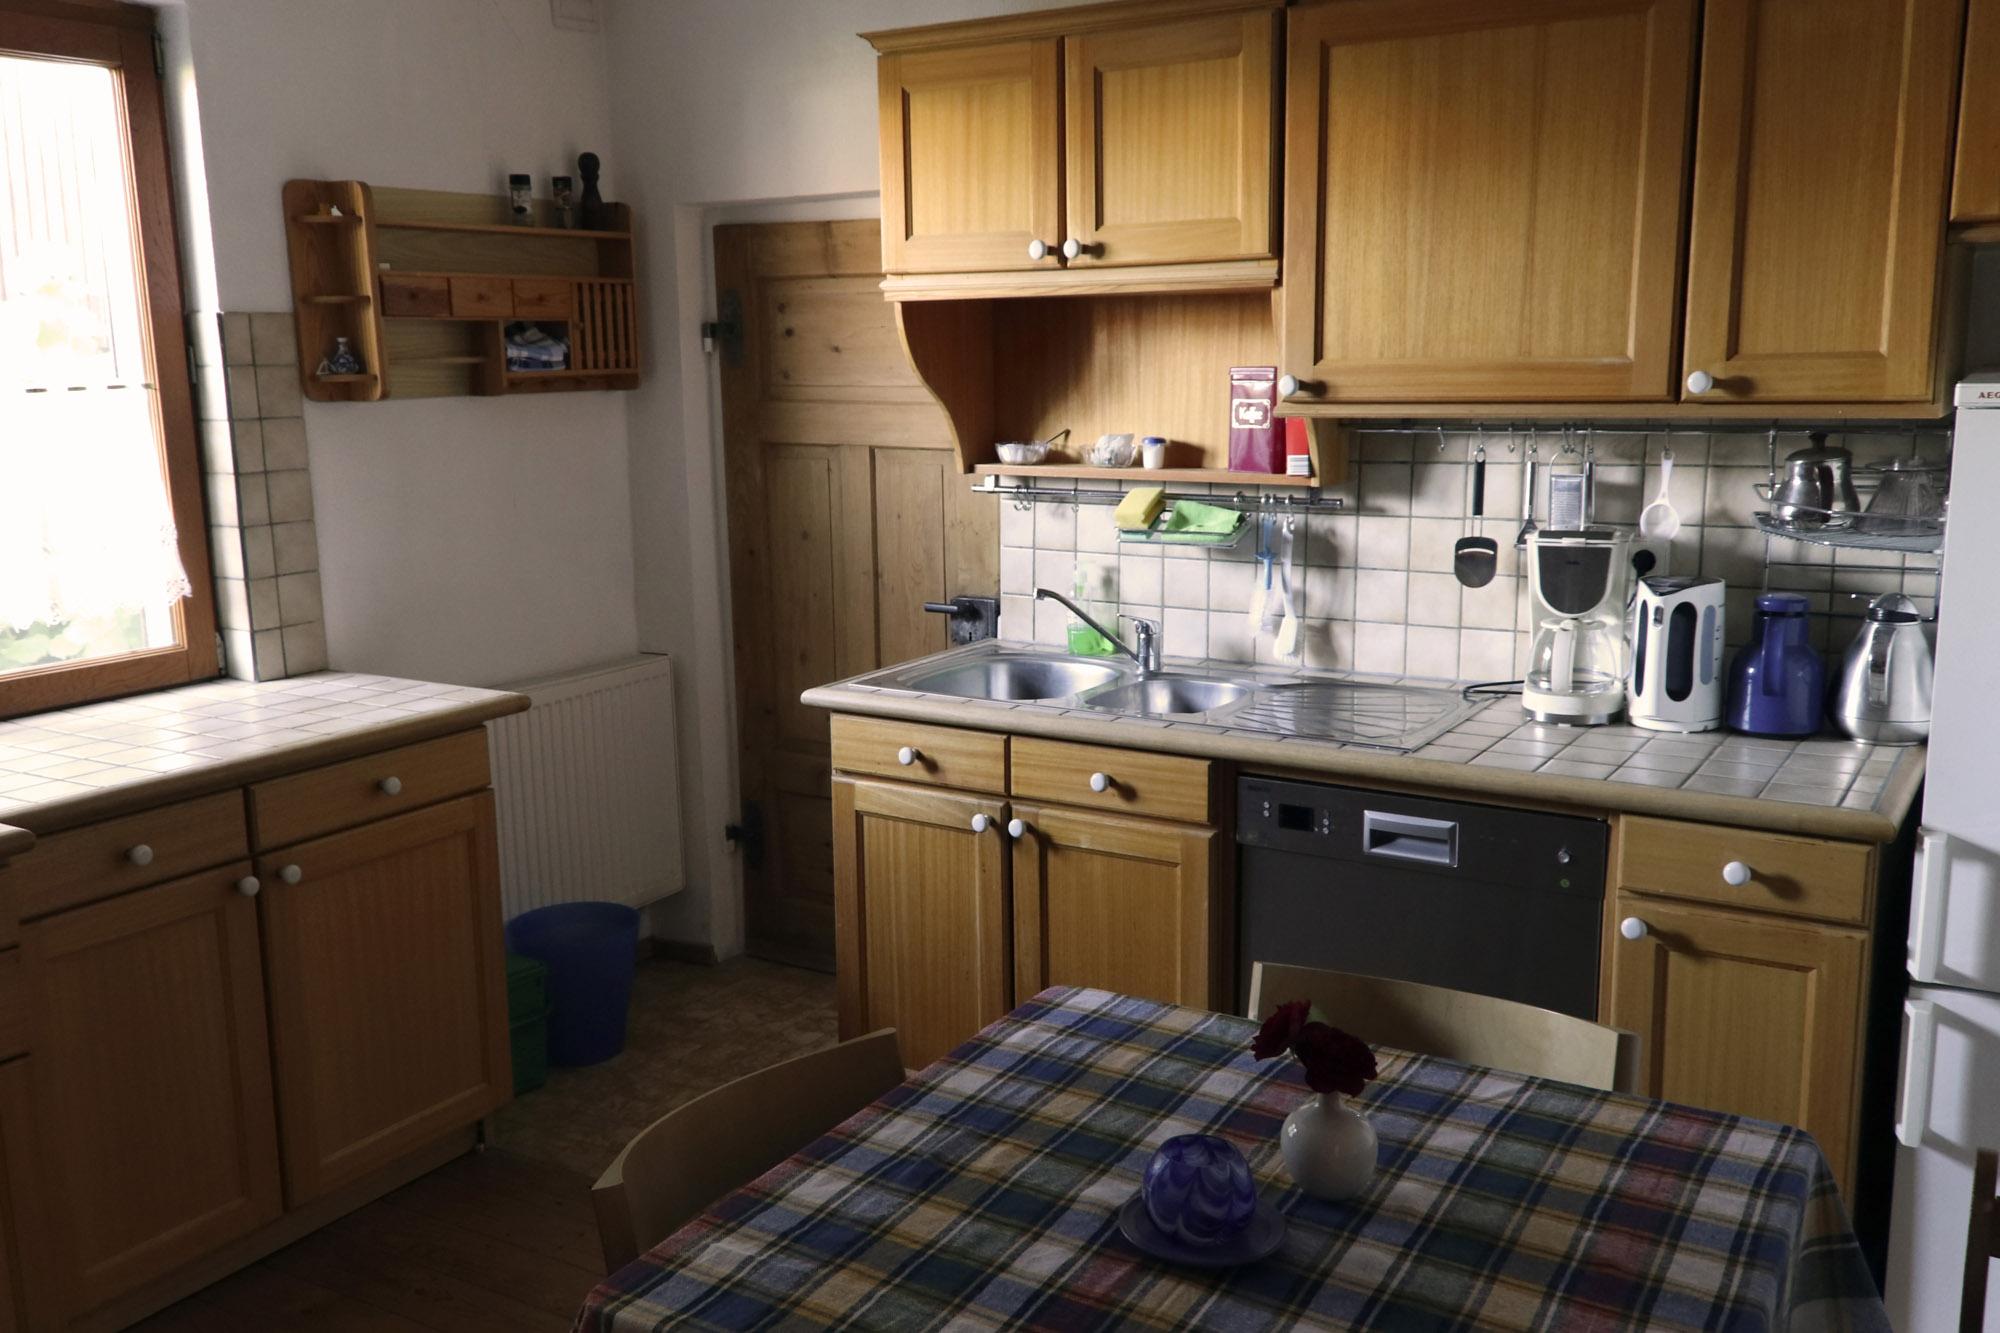 Kuche herd neben spulmaschine for Kuchenplanung kleine kuche